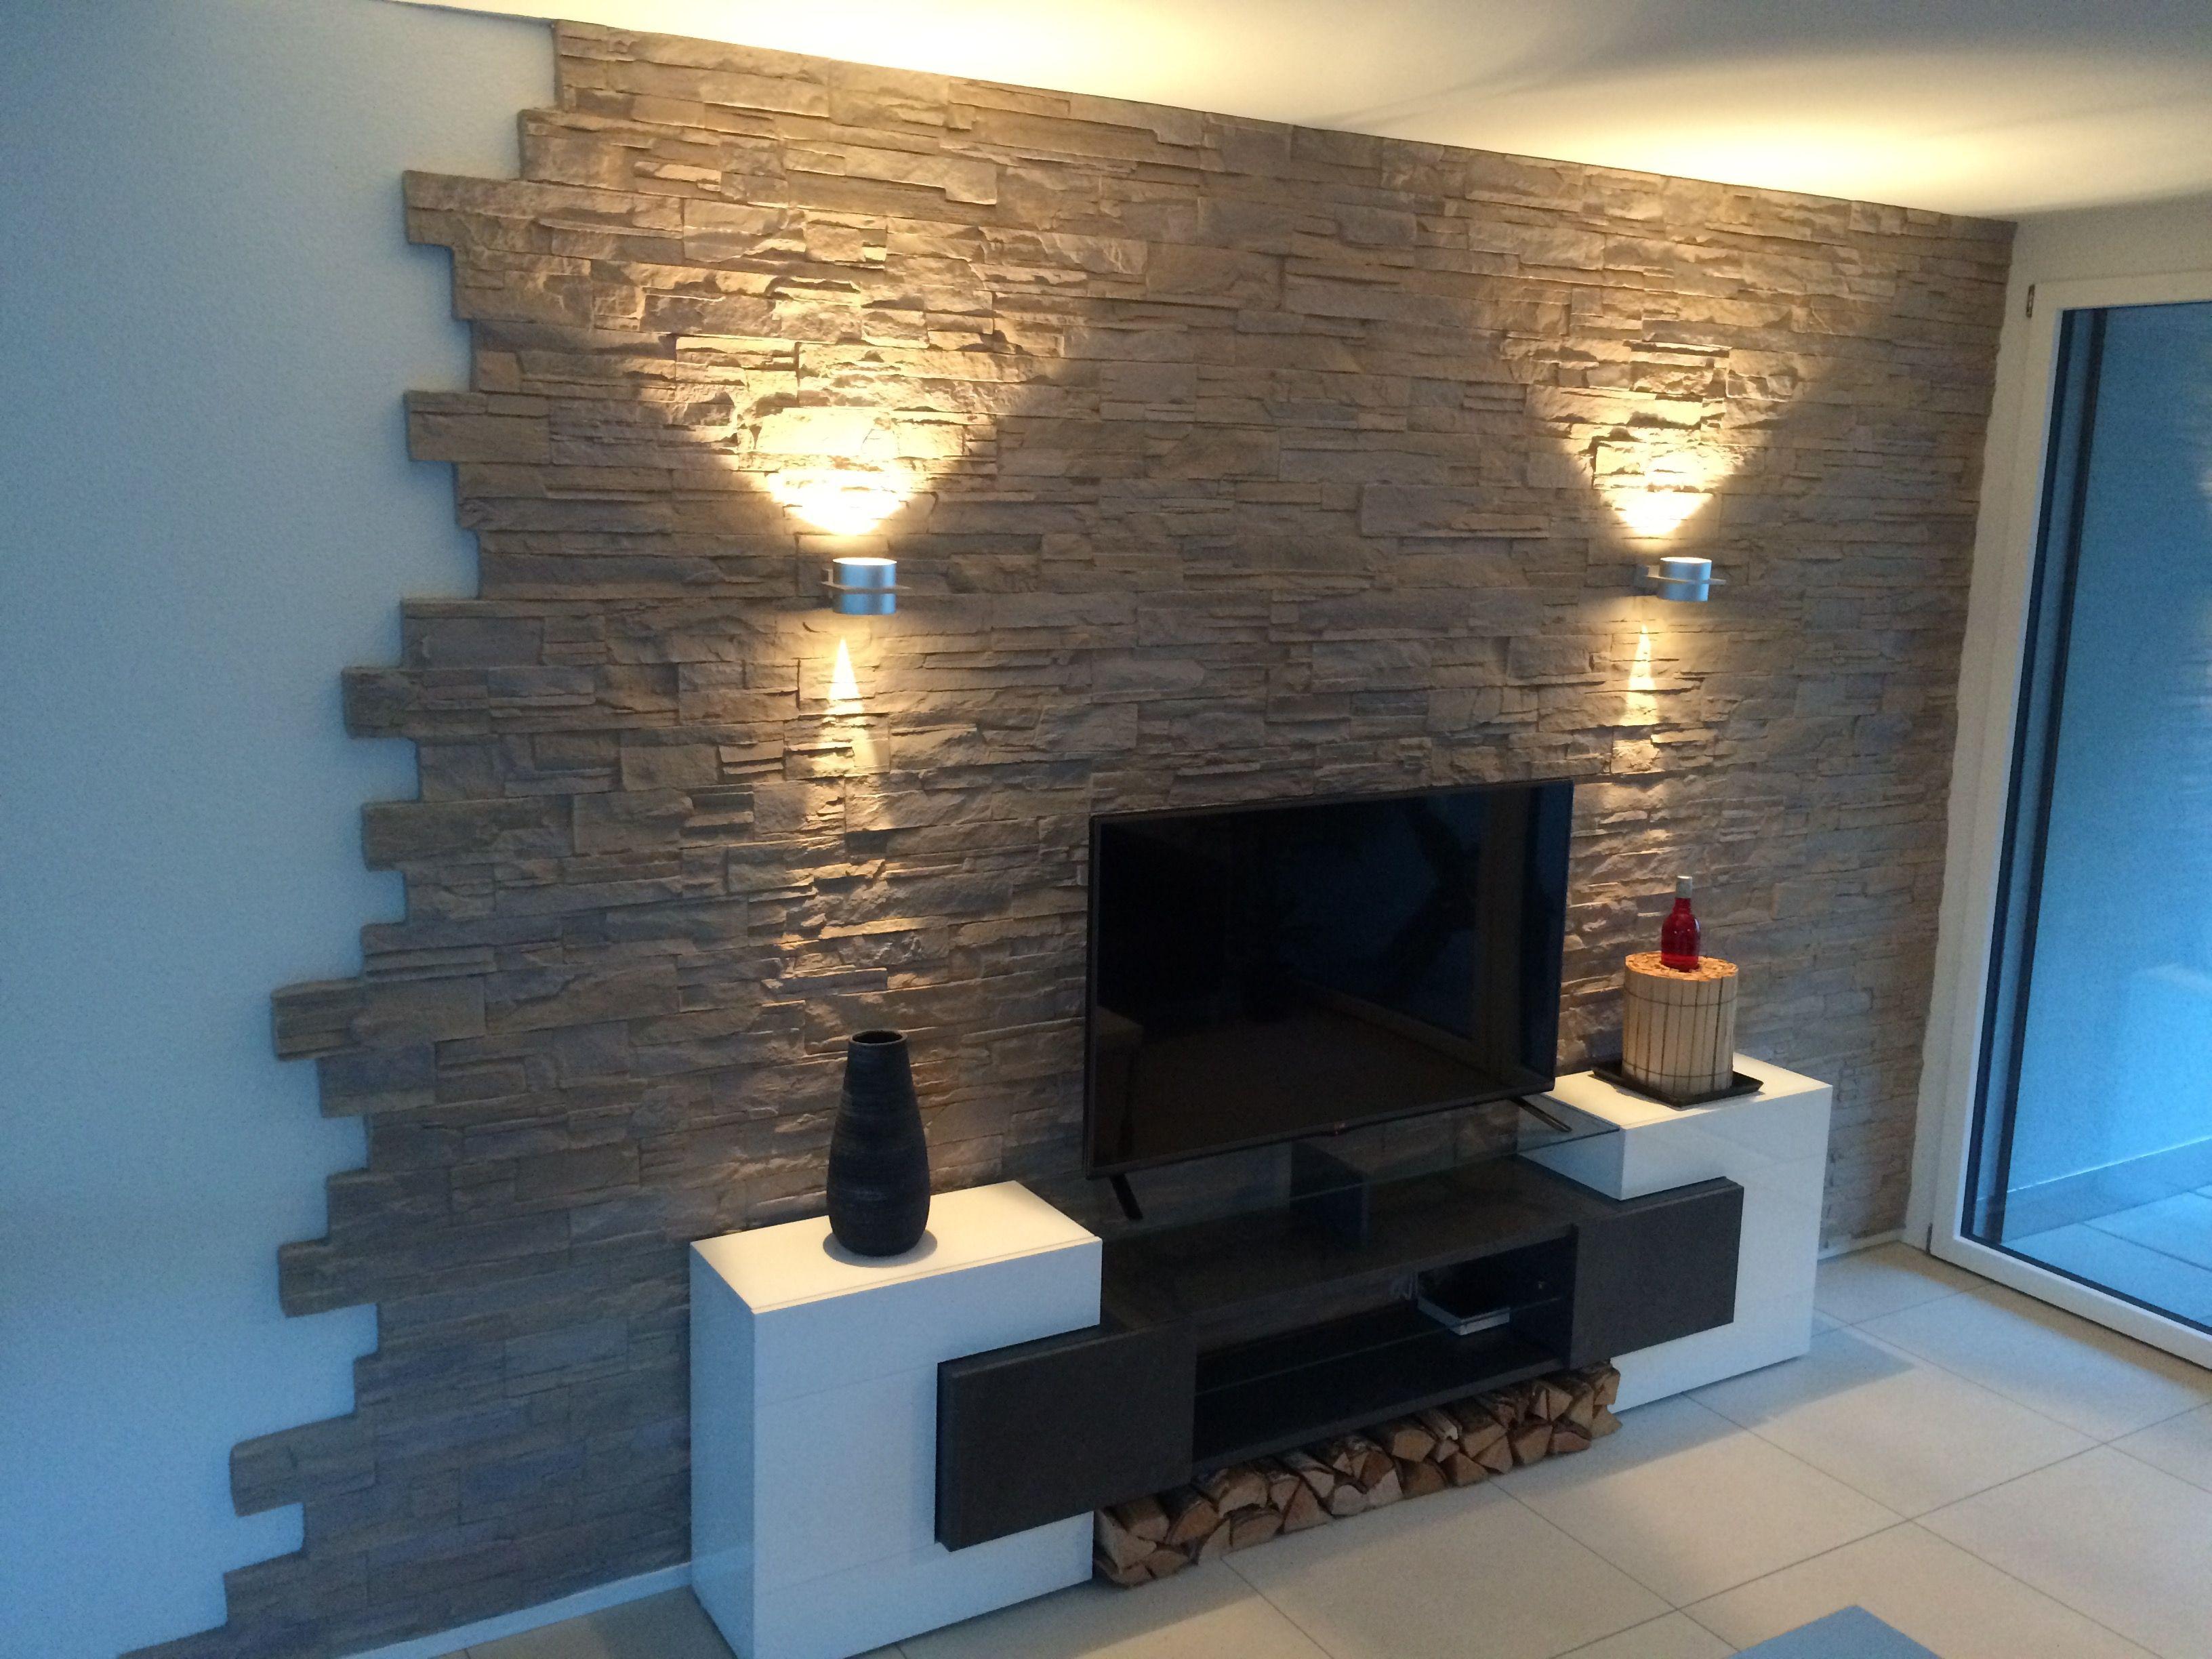 wohnzimmer wanddekoration wandgestaltung wohnzimmer rot dentox dessign groa c2. Black Bedroom Furniture Sets. Home Design Ideas